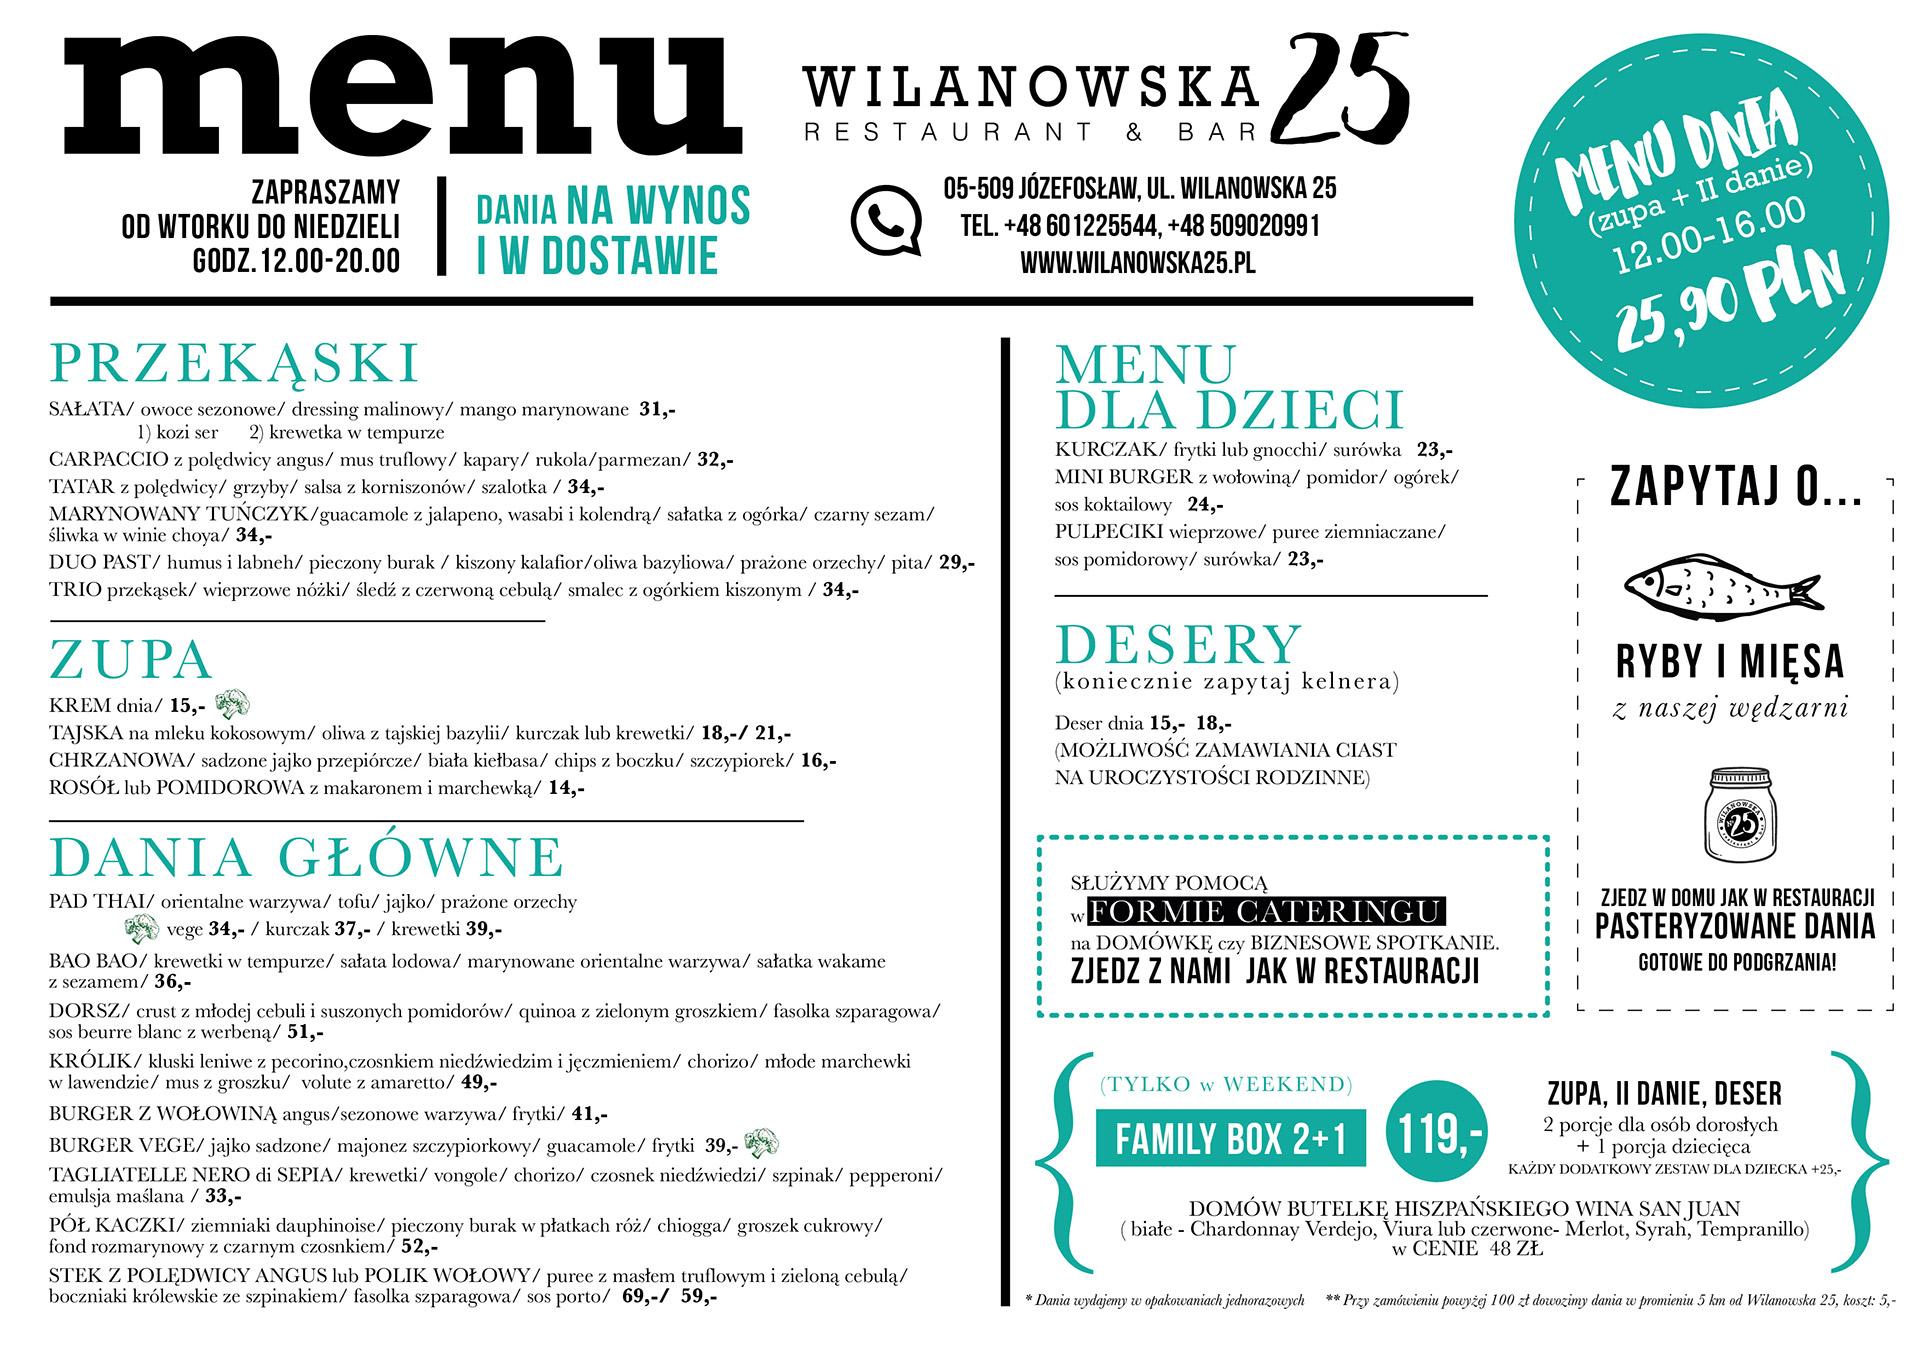 menu 2021.03-03